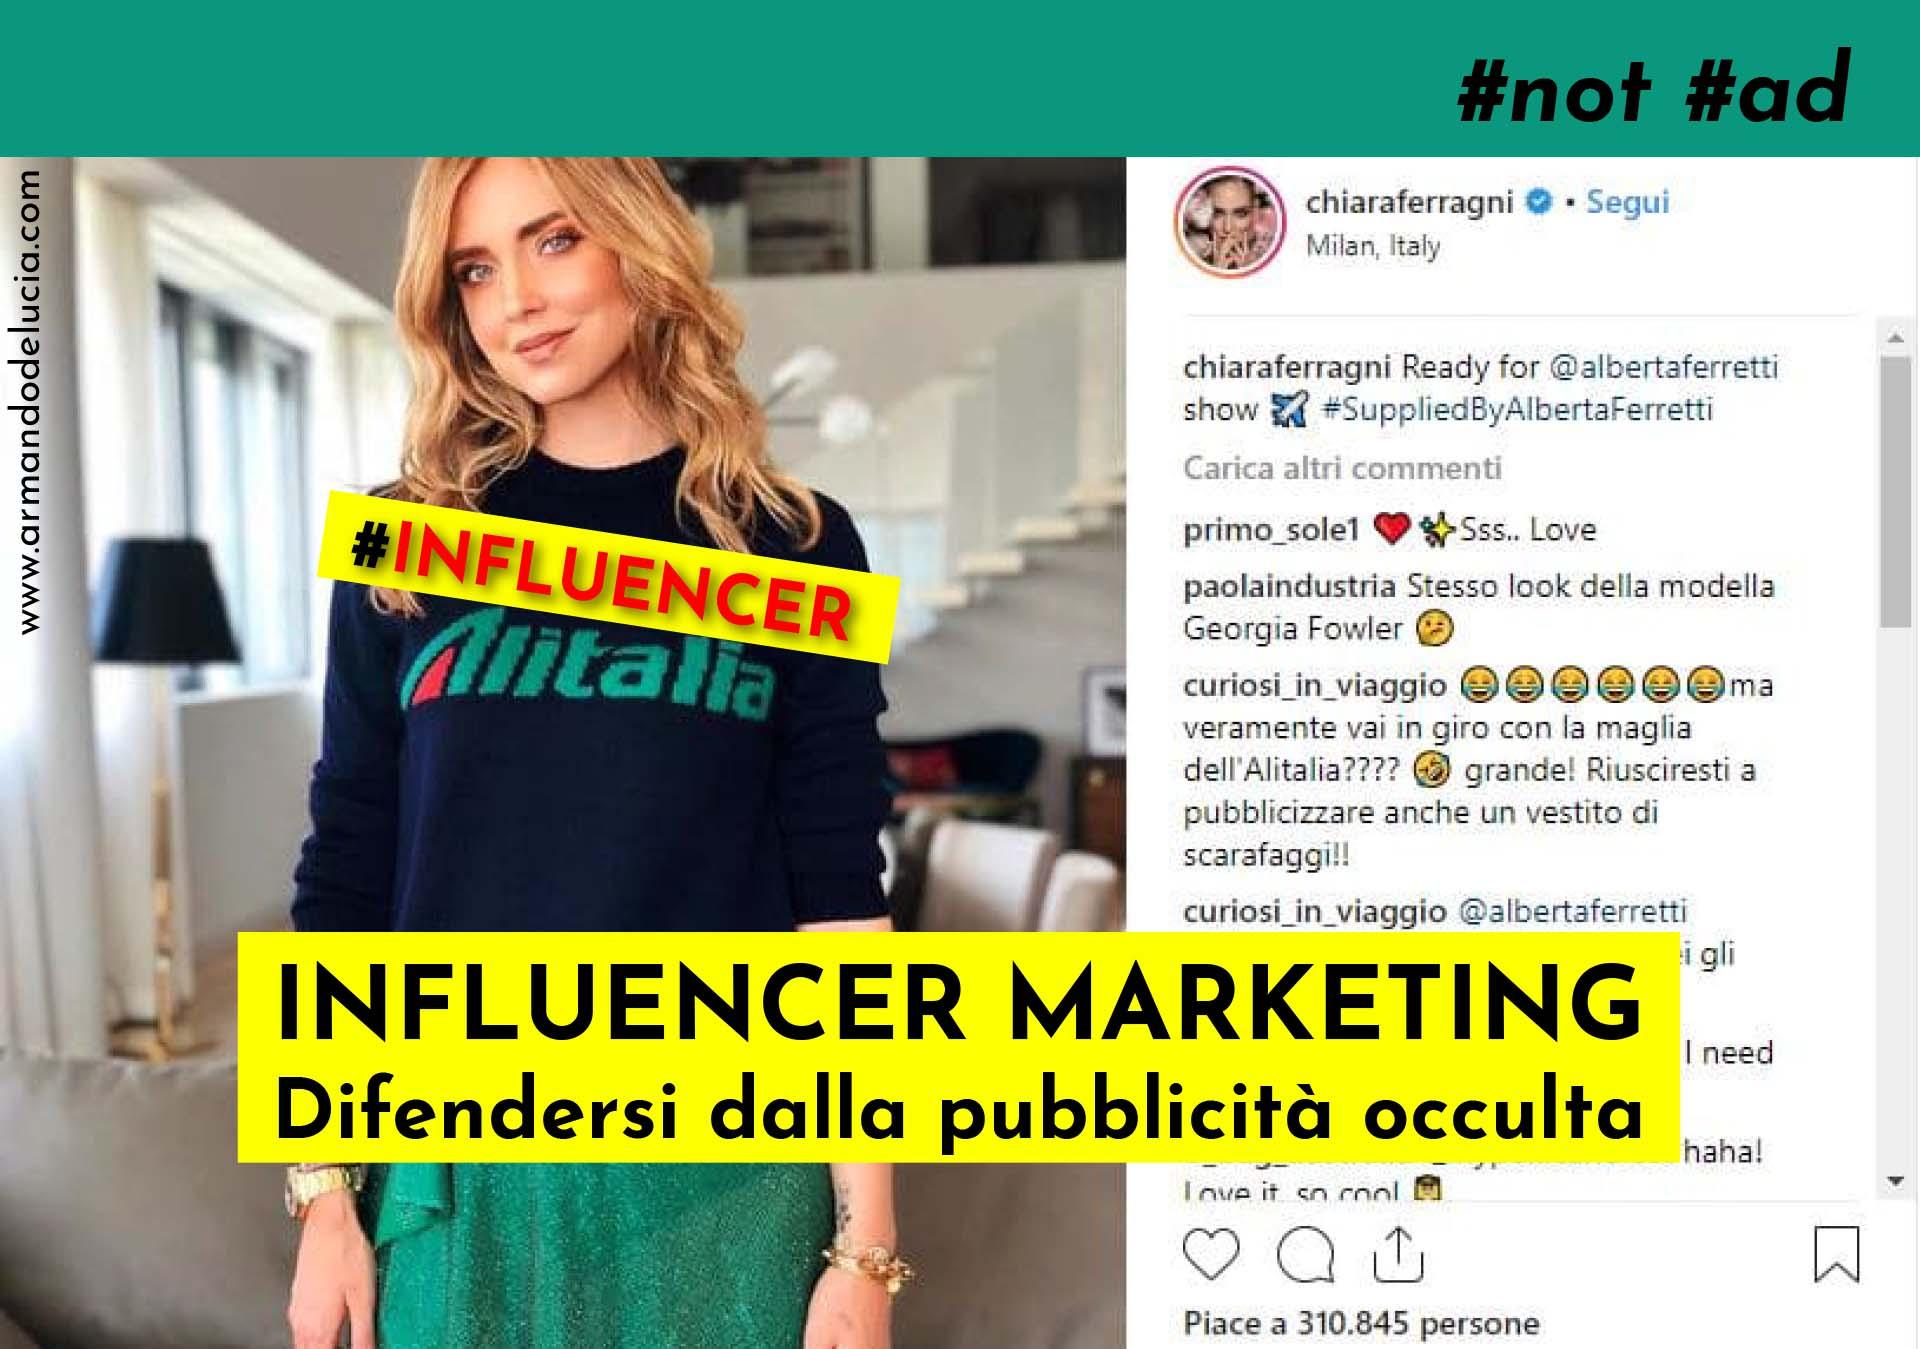 COPERTINA - Influencer marketing pubblicità occulta sempre vietata, anche sui social network. Come difendersi - Armando De Lucia - Avvocato